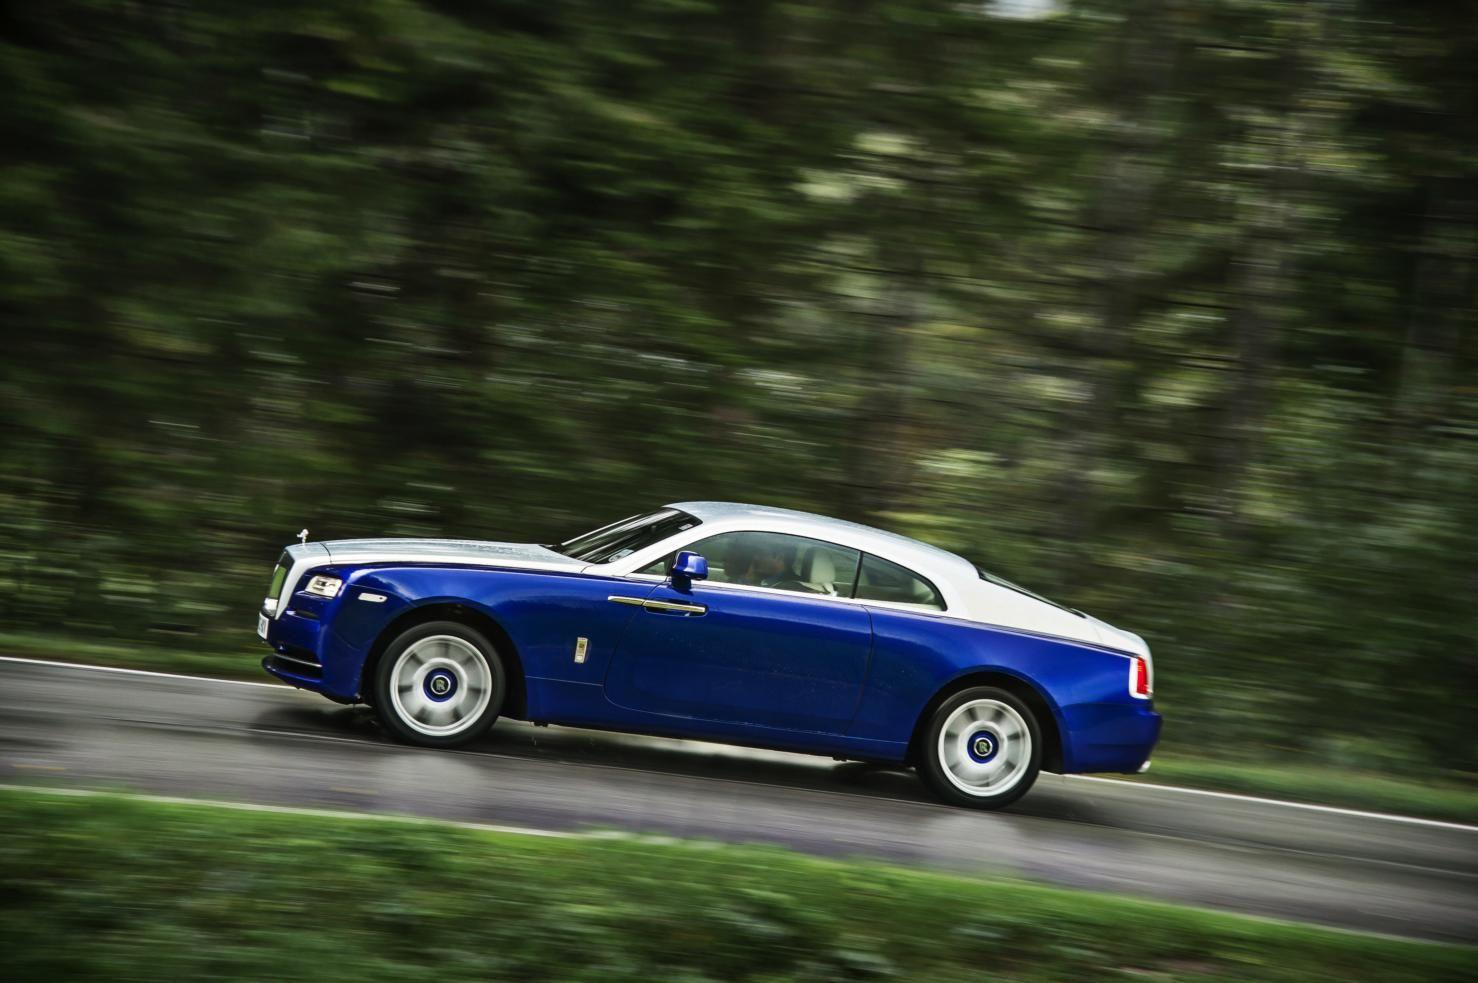 Photo of Met de Rolls-Royce Wraith rondom Wenen – DrivEssential